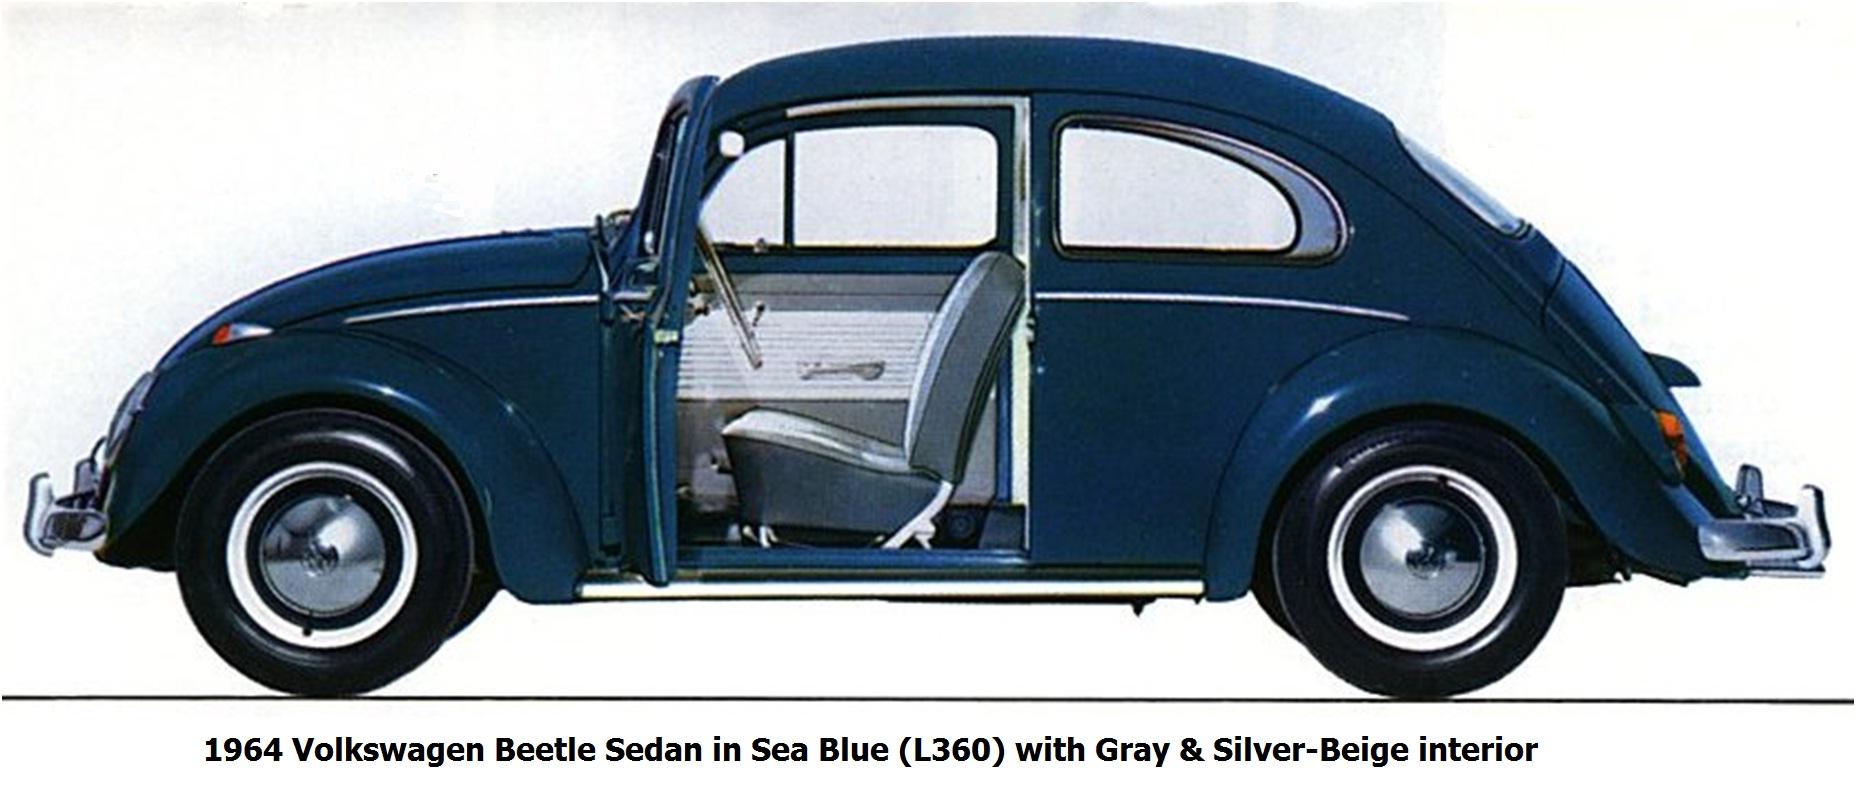 1966 Sea Blue Vw Beetle For Sale Oldbug Com: TheSamba.com :: Beetle